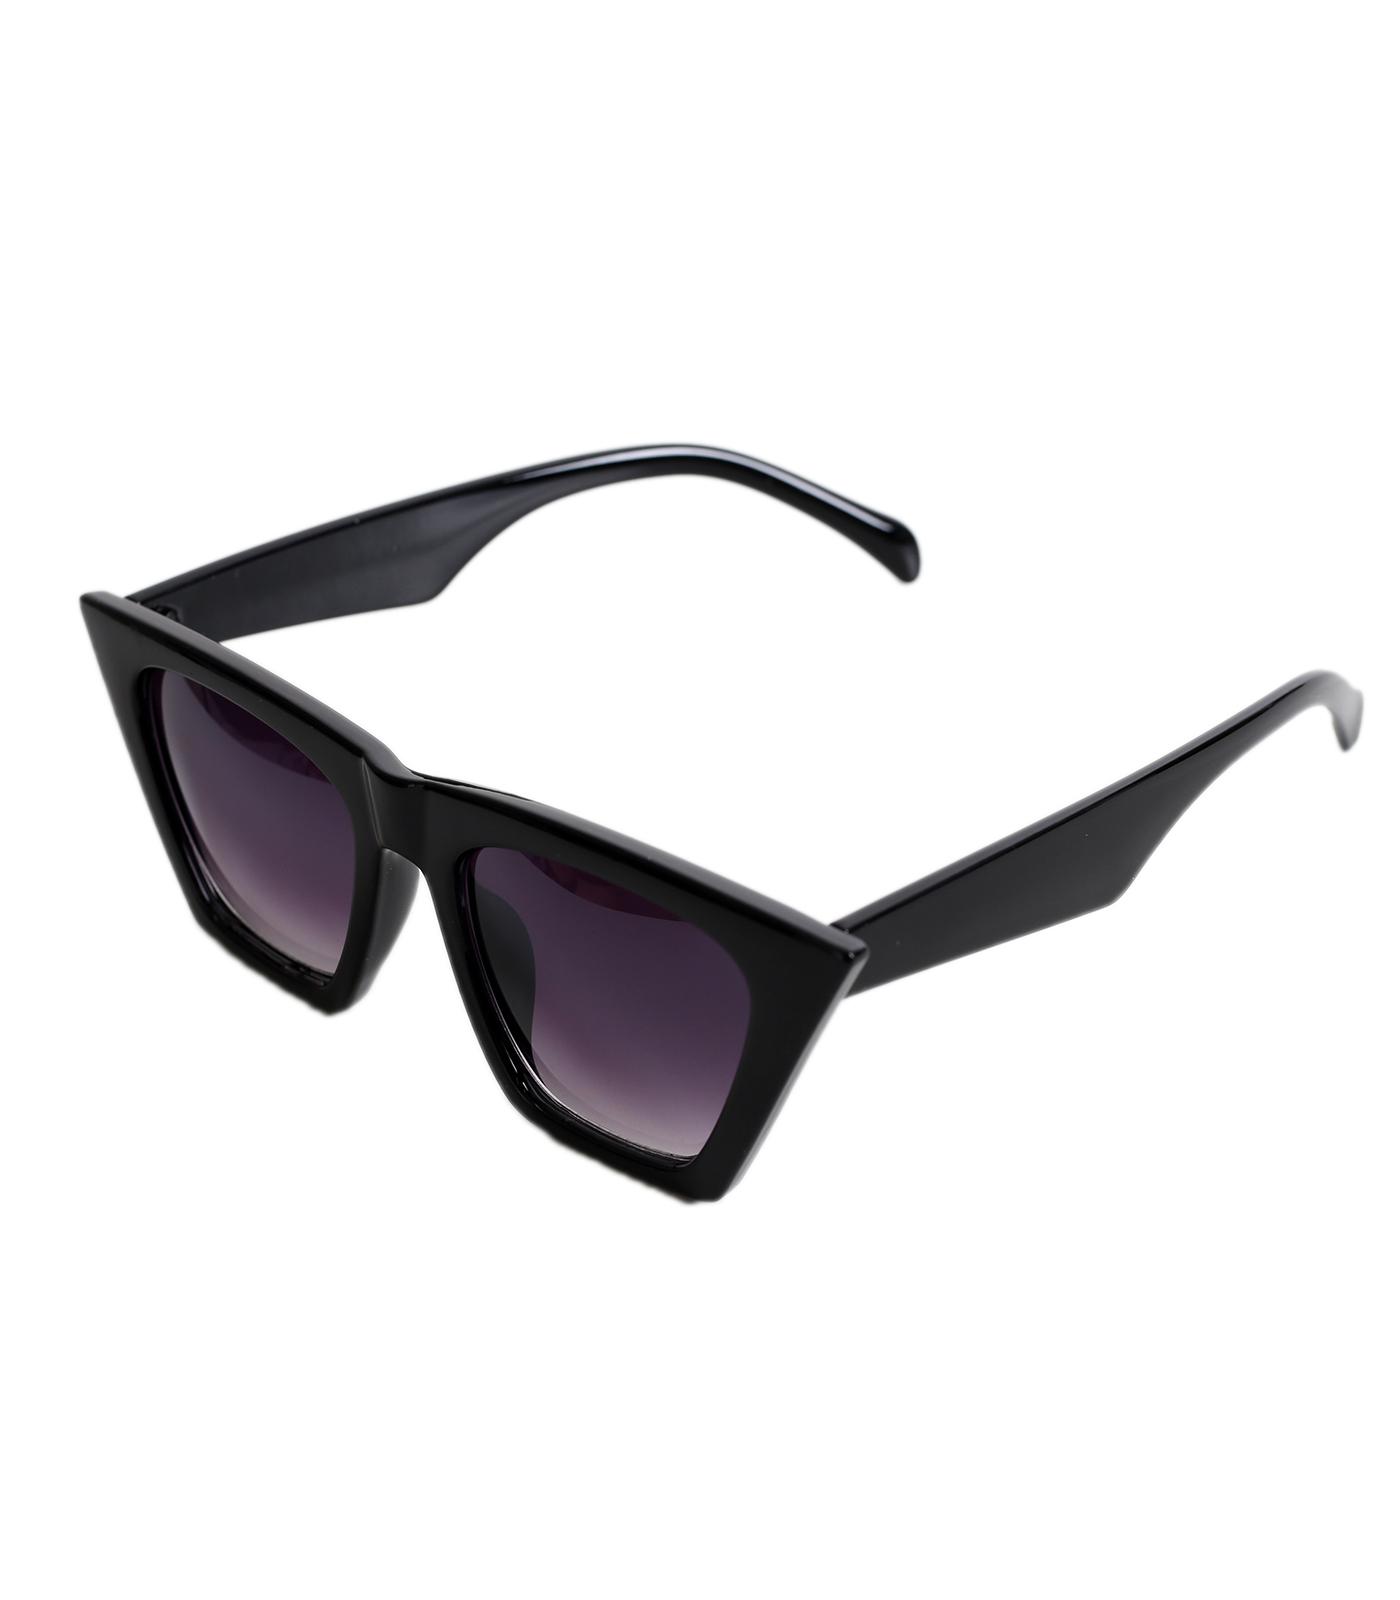 Μαύρα γυαλιά ηλίου μάσκα με μαύρο σκελετό αξεσουάρ   γυαλιά